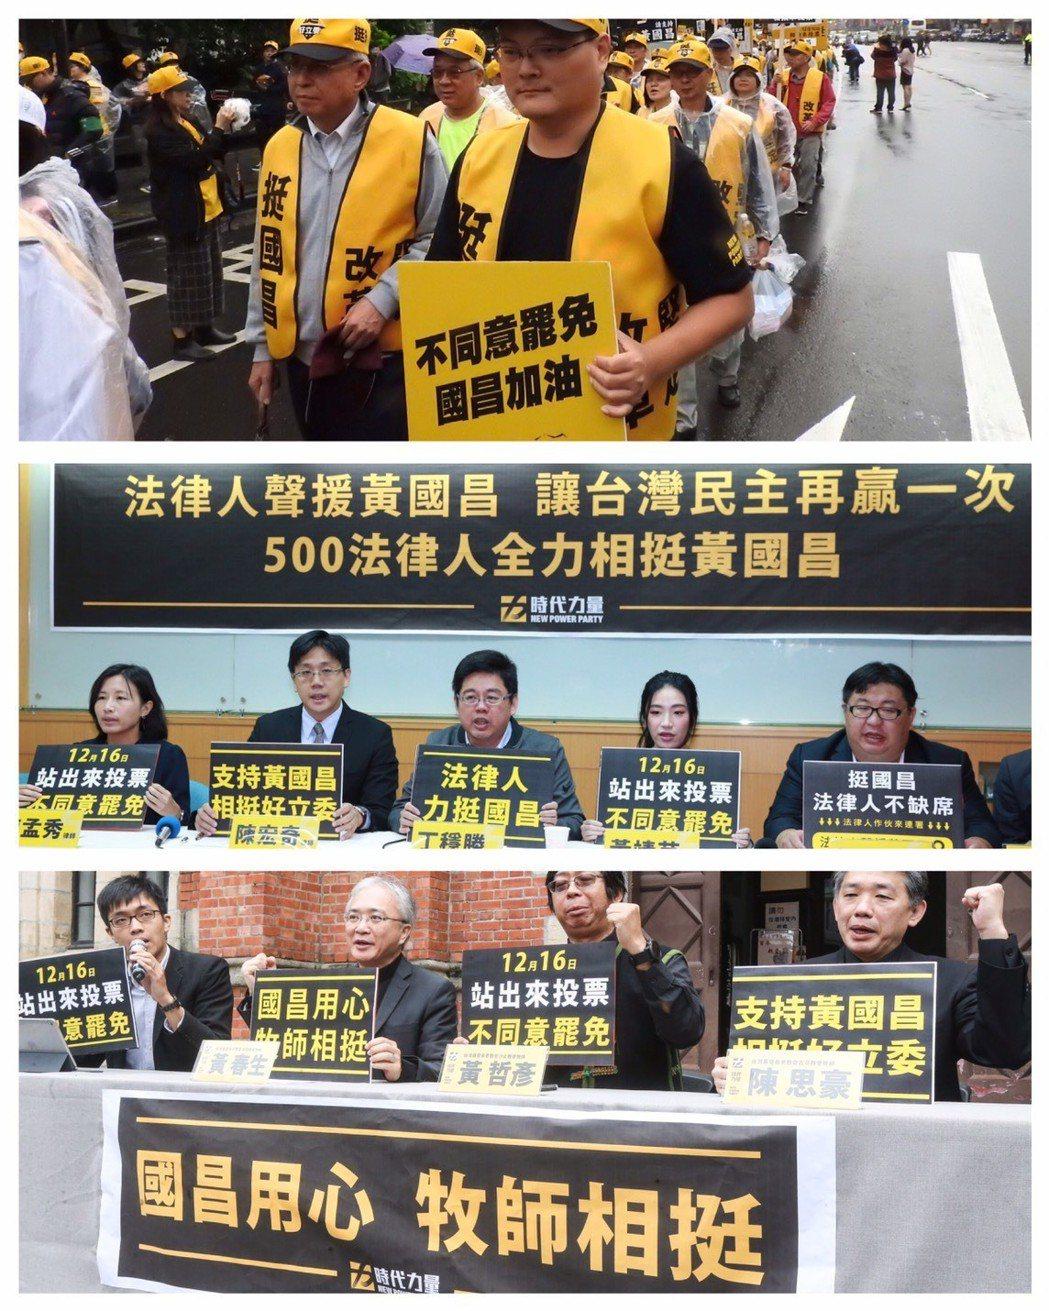 2000人遊行表達不同意罷免黃國昌(上圖)。牧師、教授、律師也站出來力挺黃國昌(...